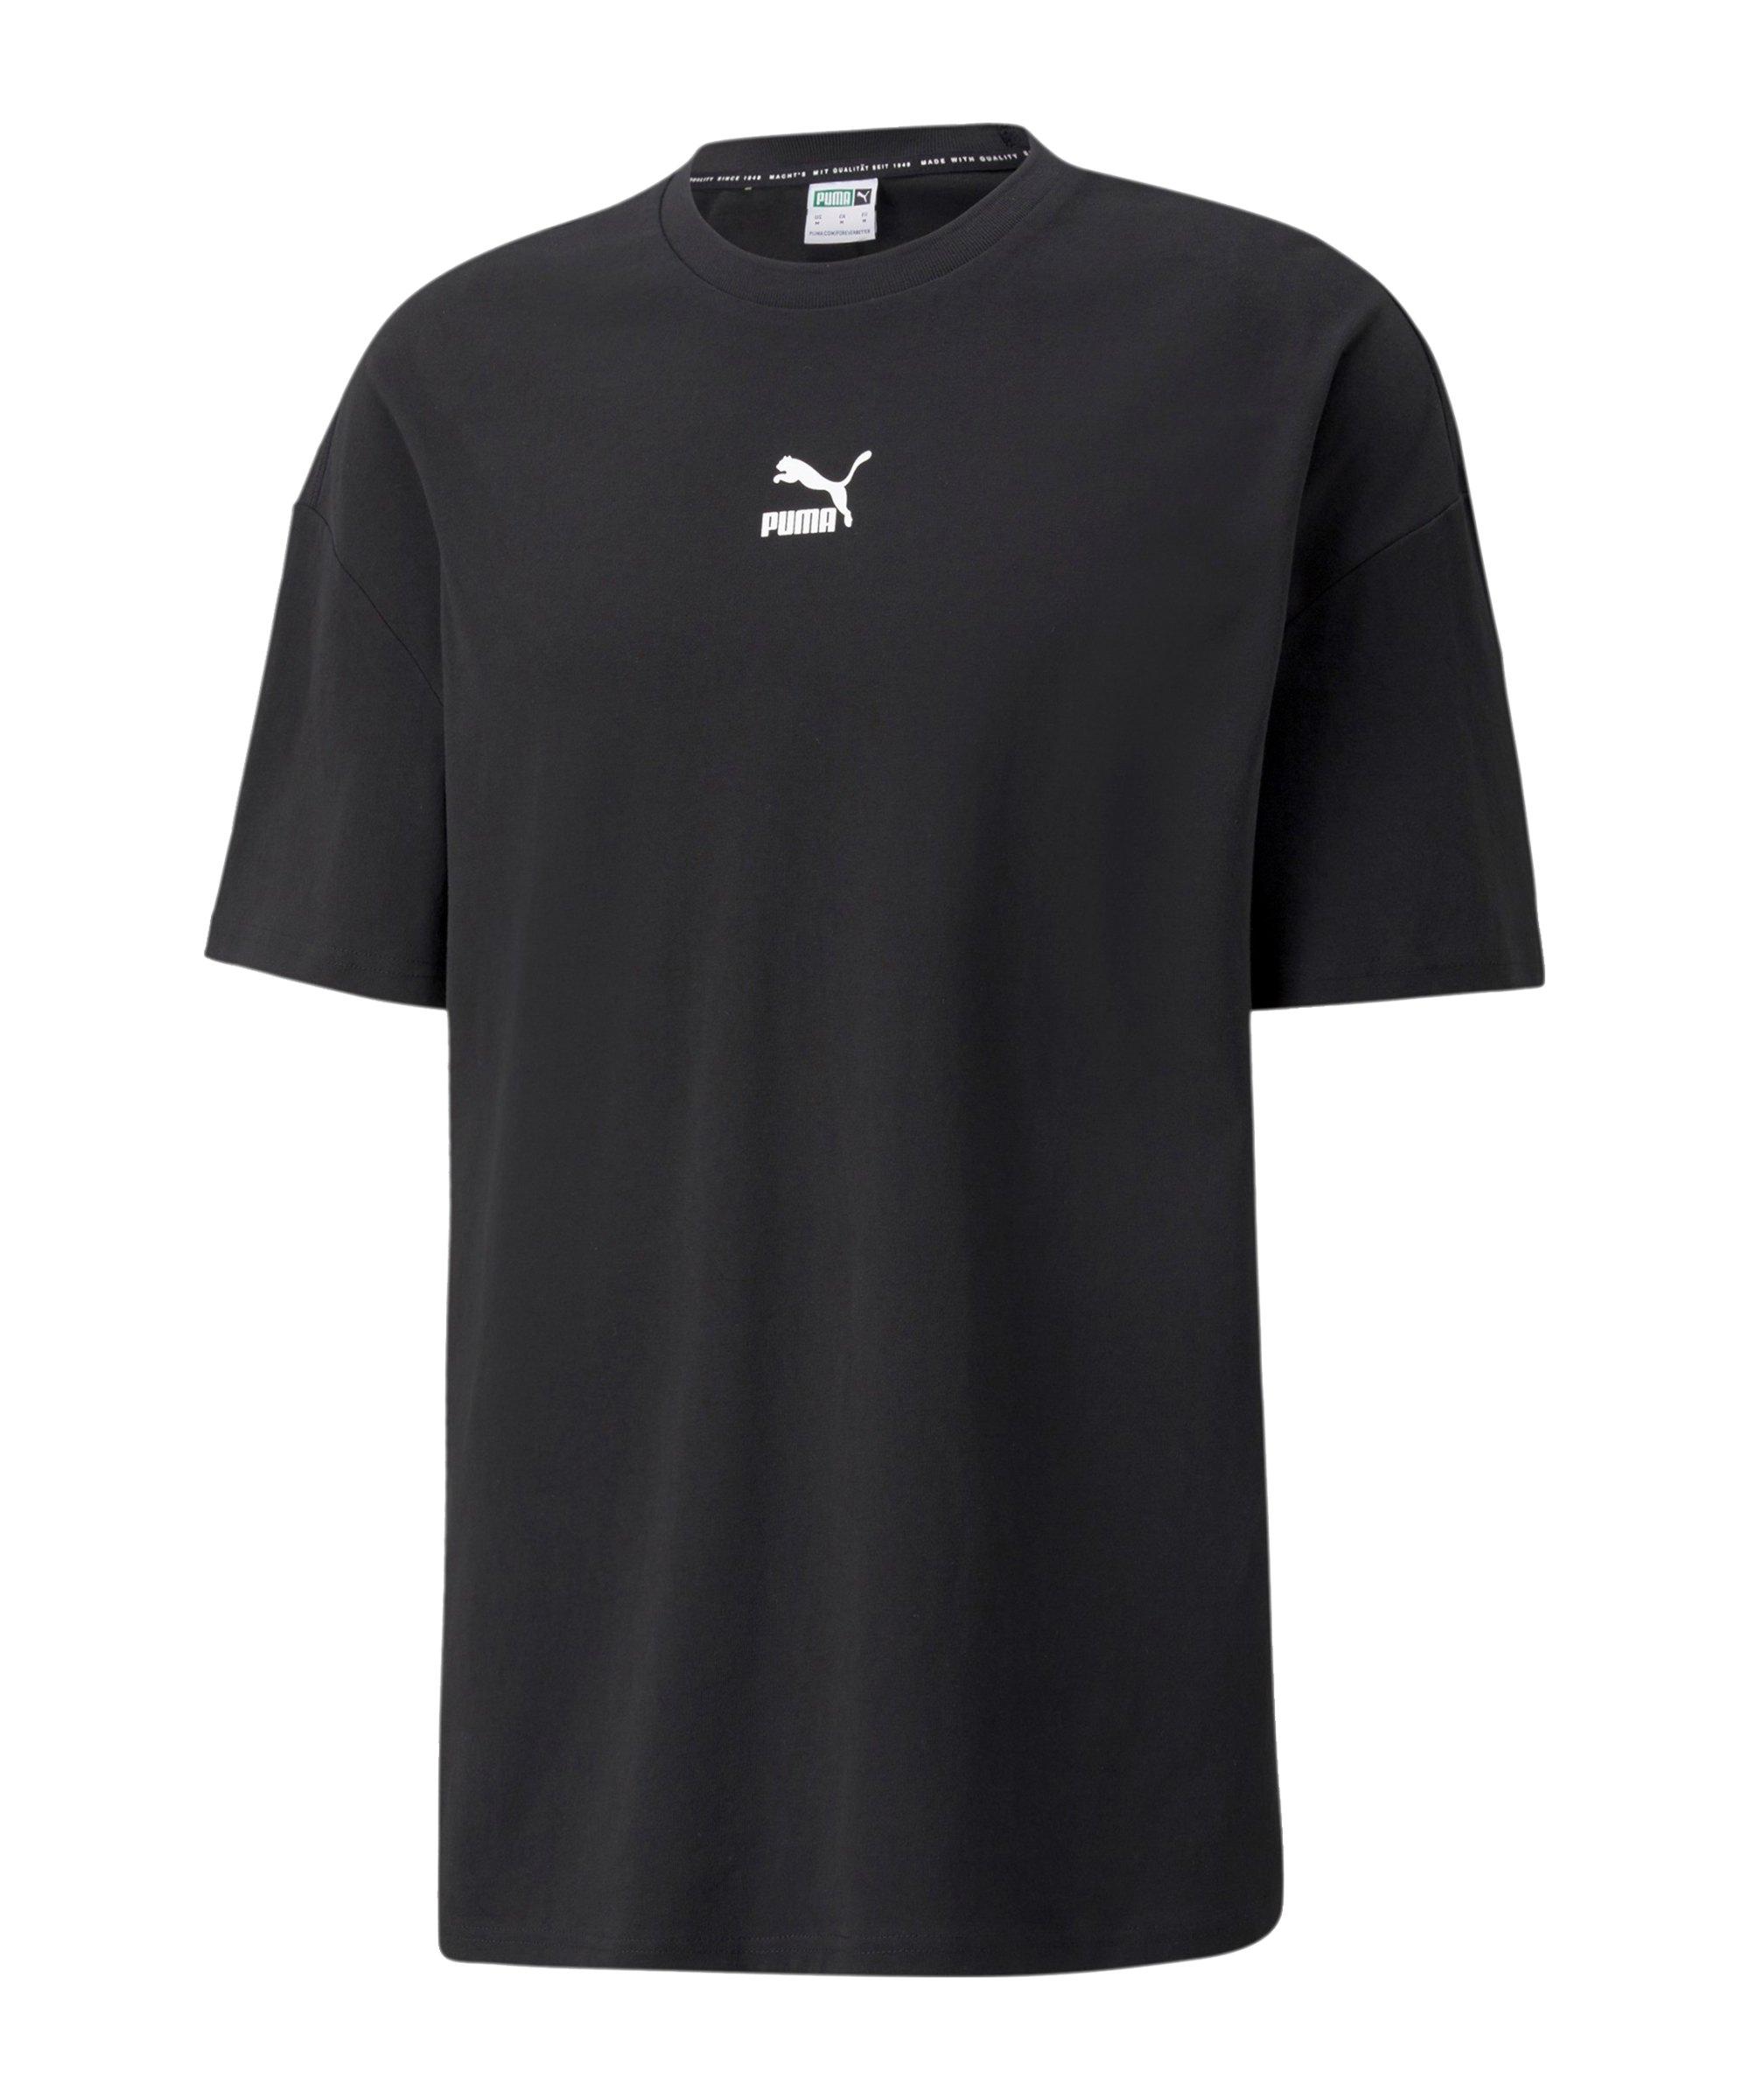 PUMA Classics Boxy T-Shirt Schwarz F01 - schwarz